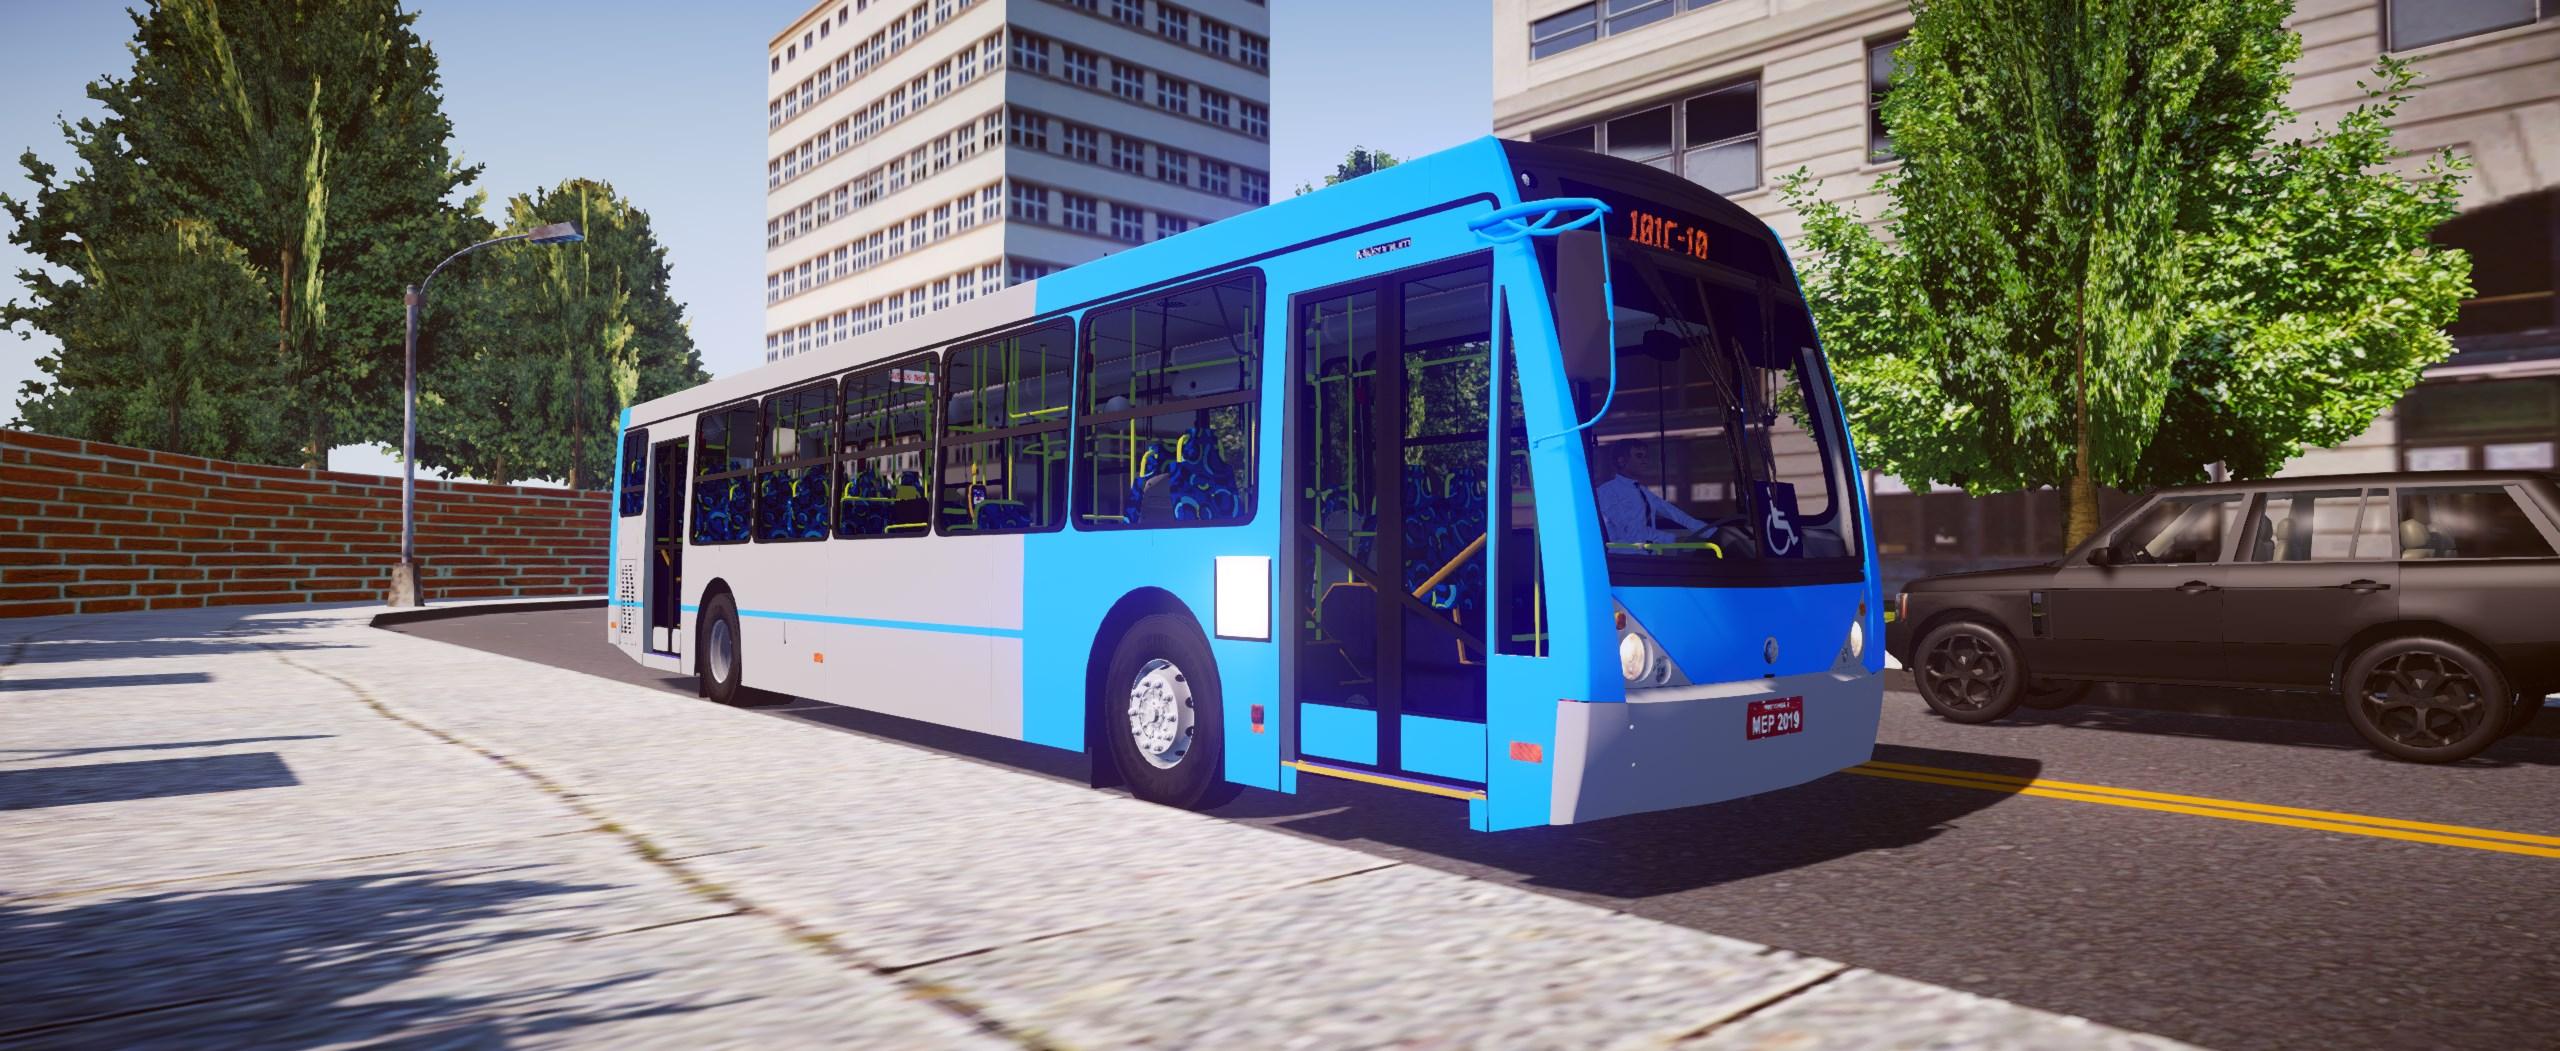 Proton Bus Simulator e Proton Bus Simulator Road é modificado o nome devido problemas